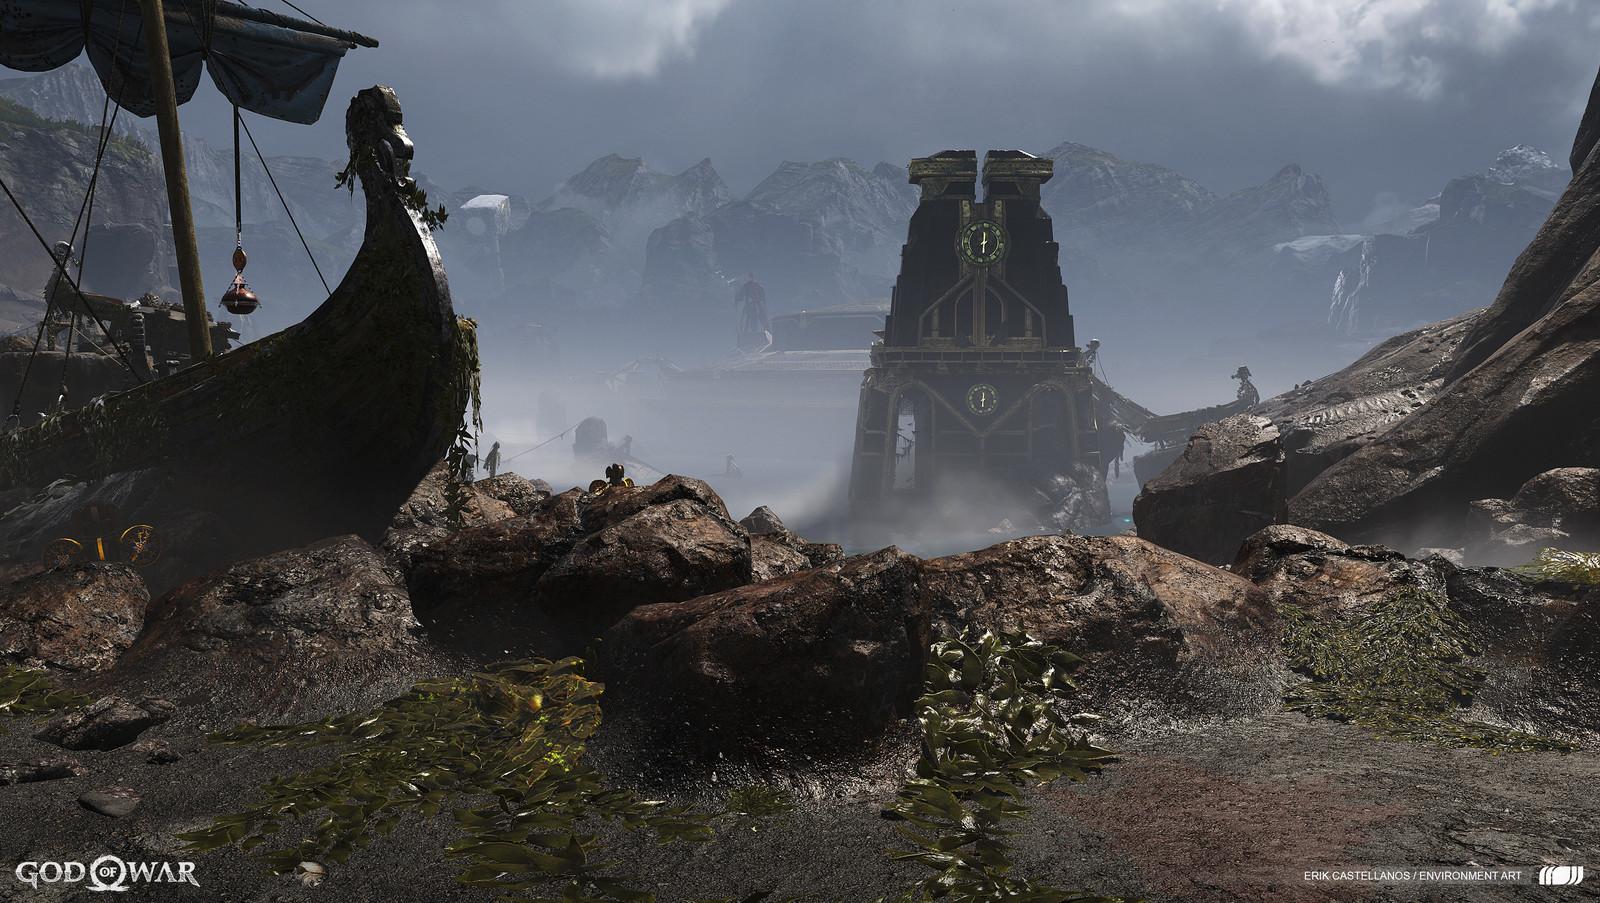 God of War Environment Art